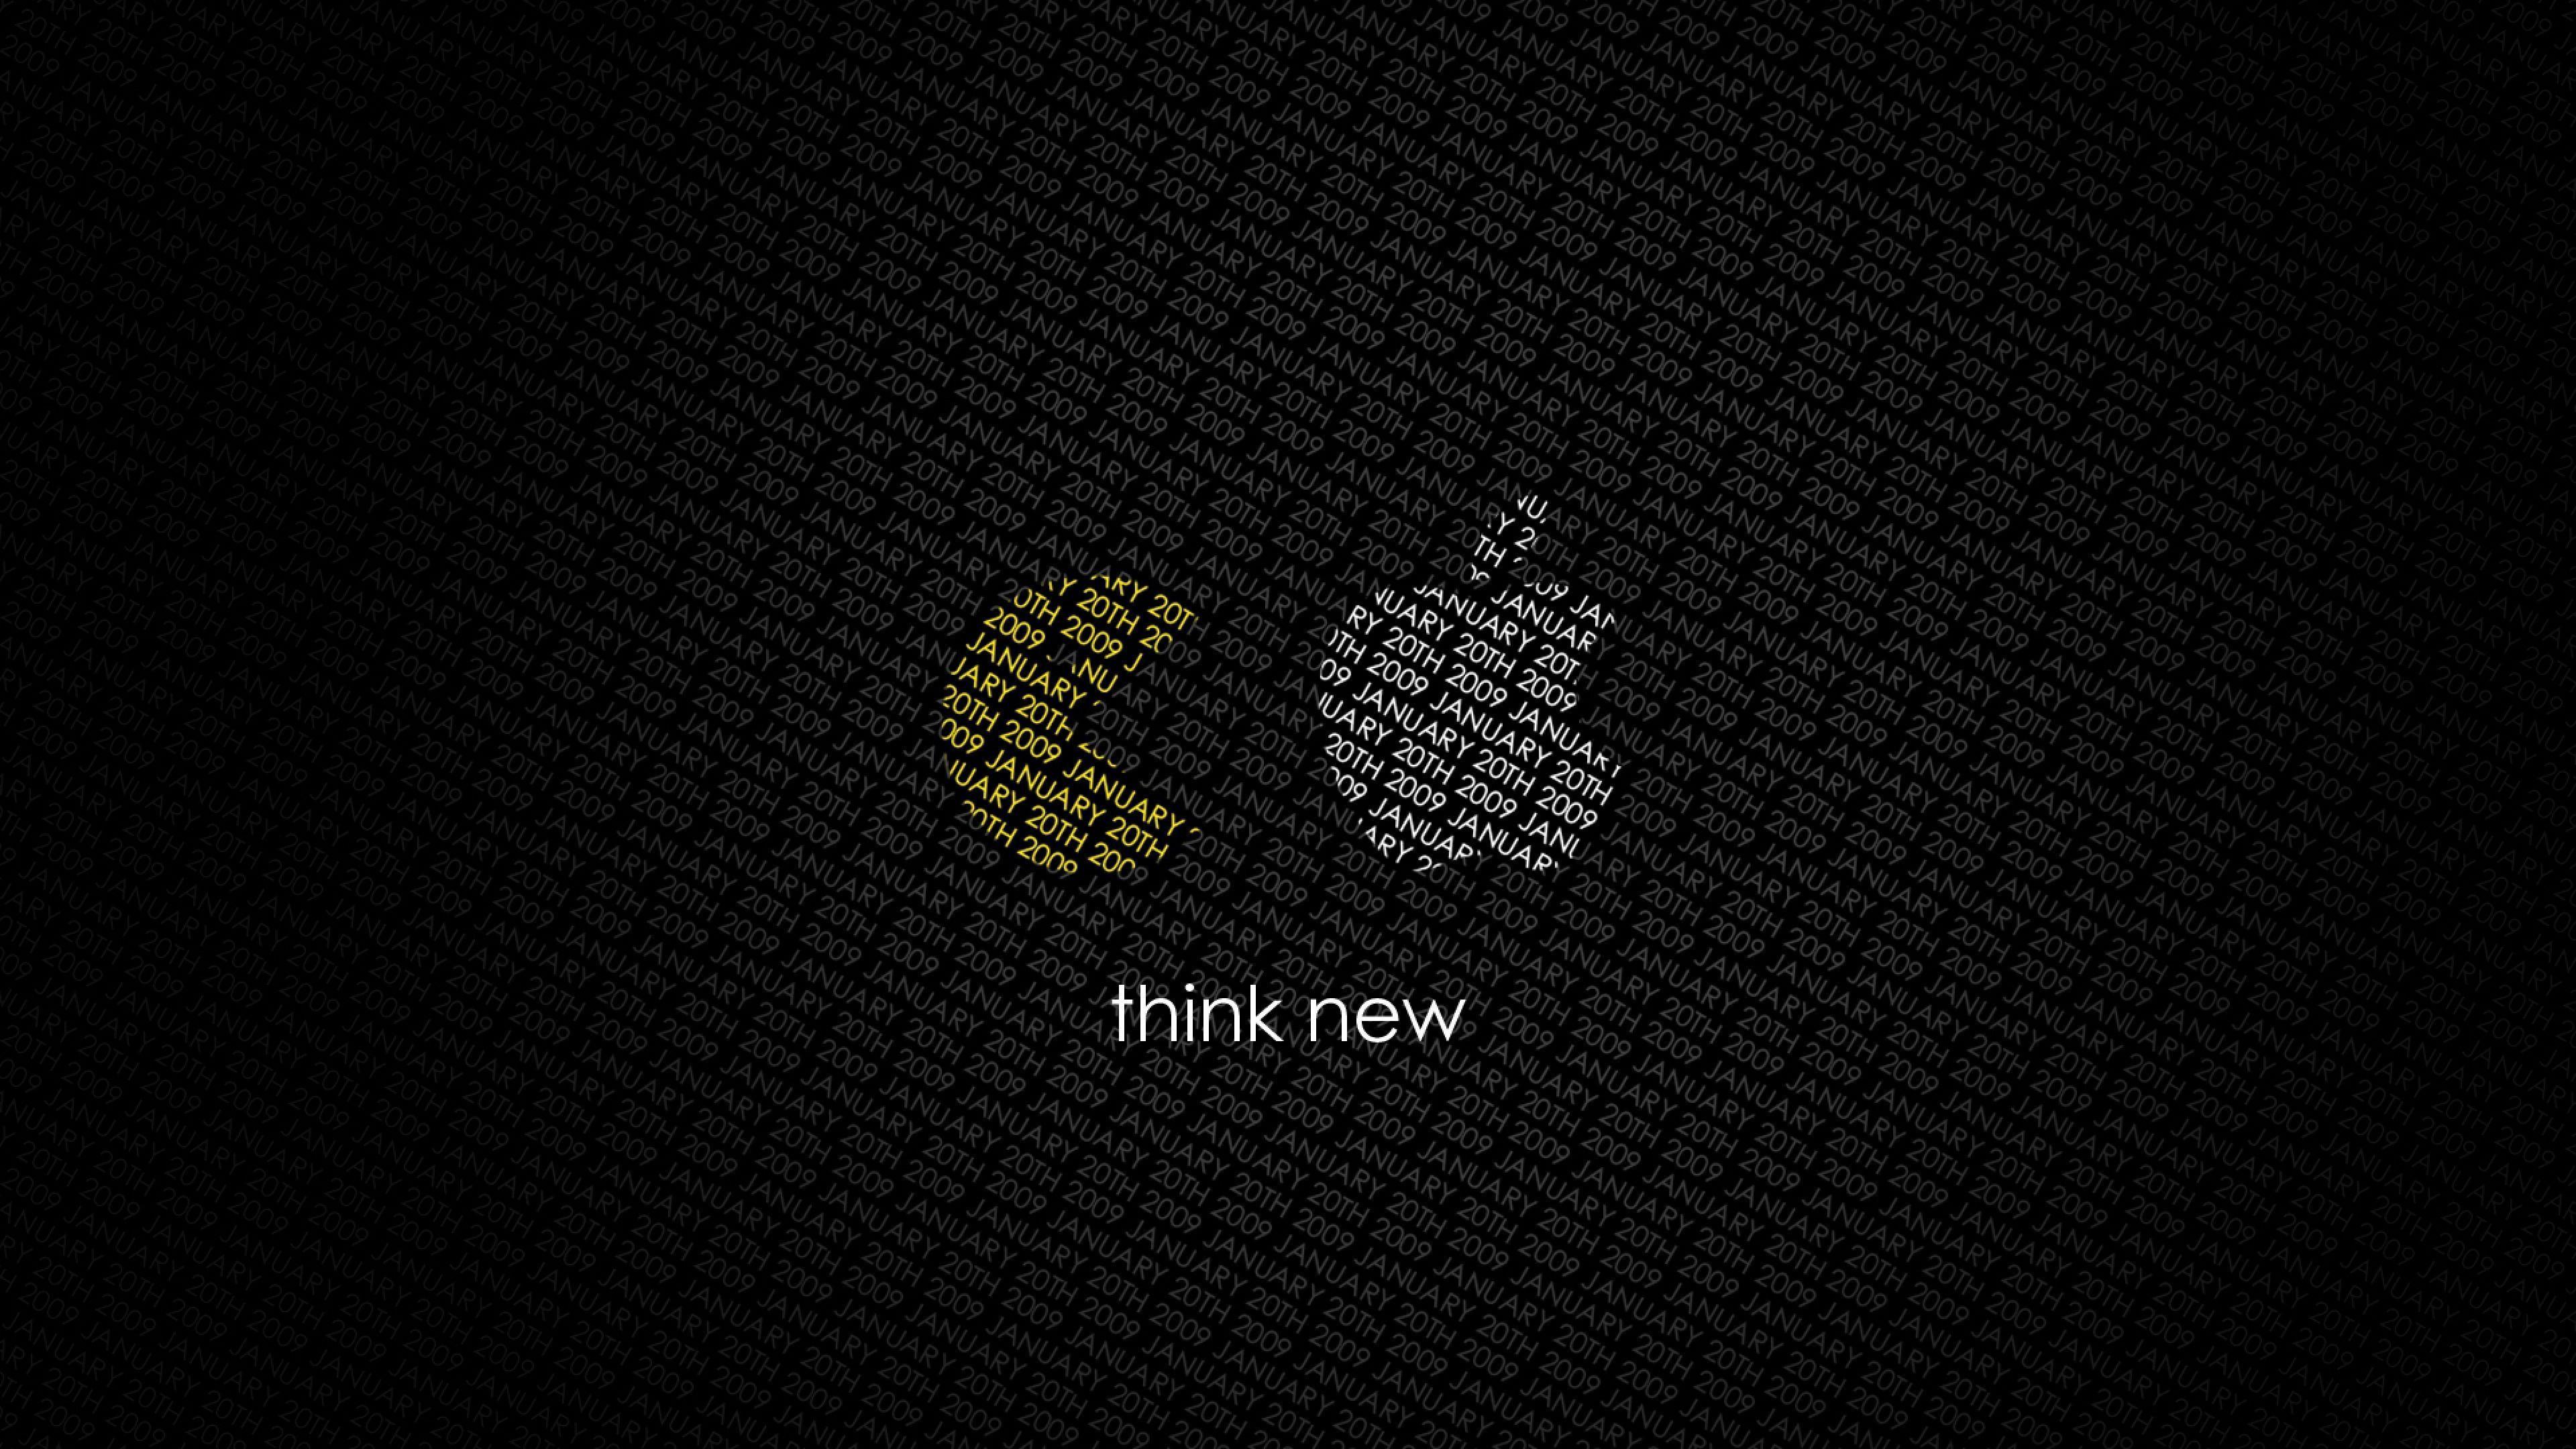 4k ultra hd mac wallpapers hd desktop backgrounds 3840x2160